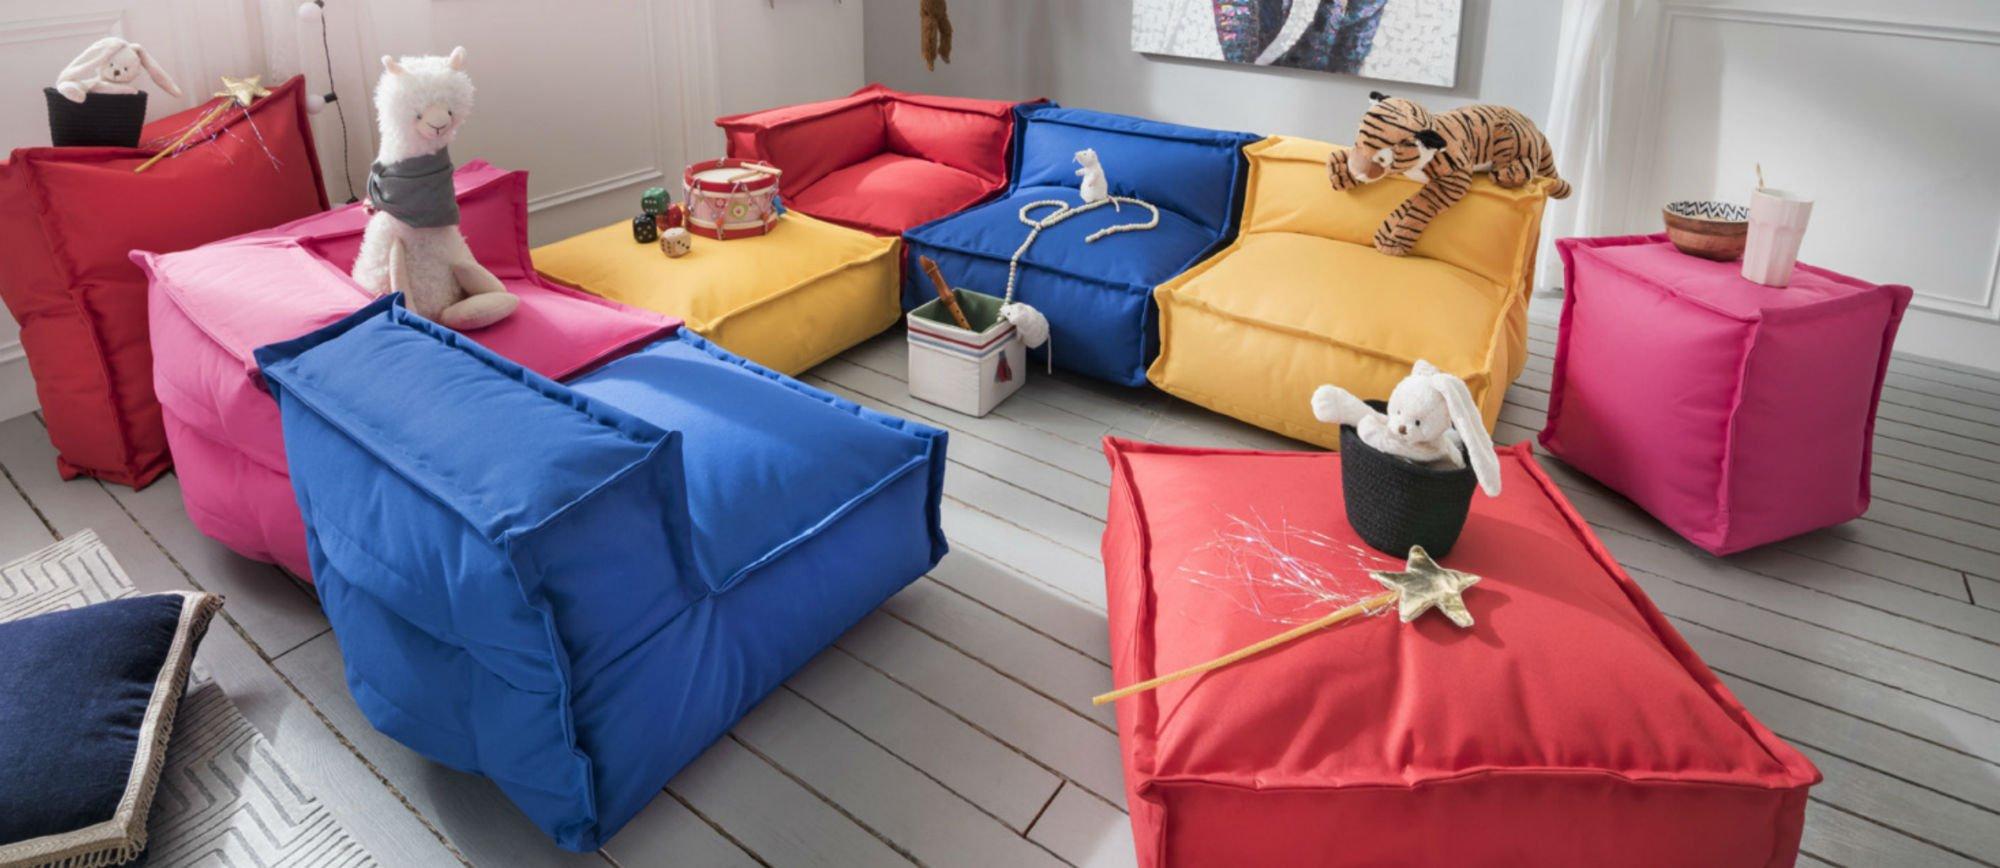 My Cushion Kinderzimmer Garnitur Sitzmöbel, Bild 5